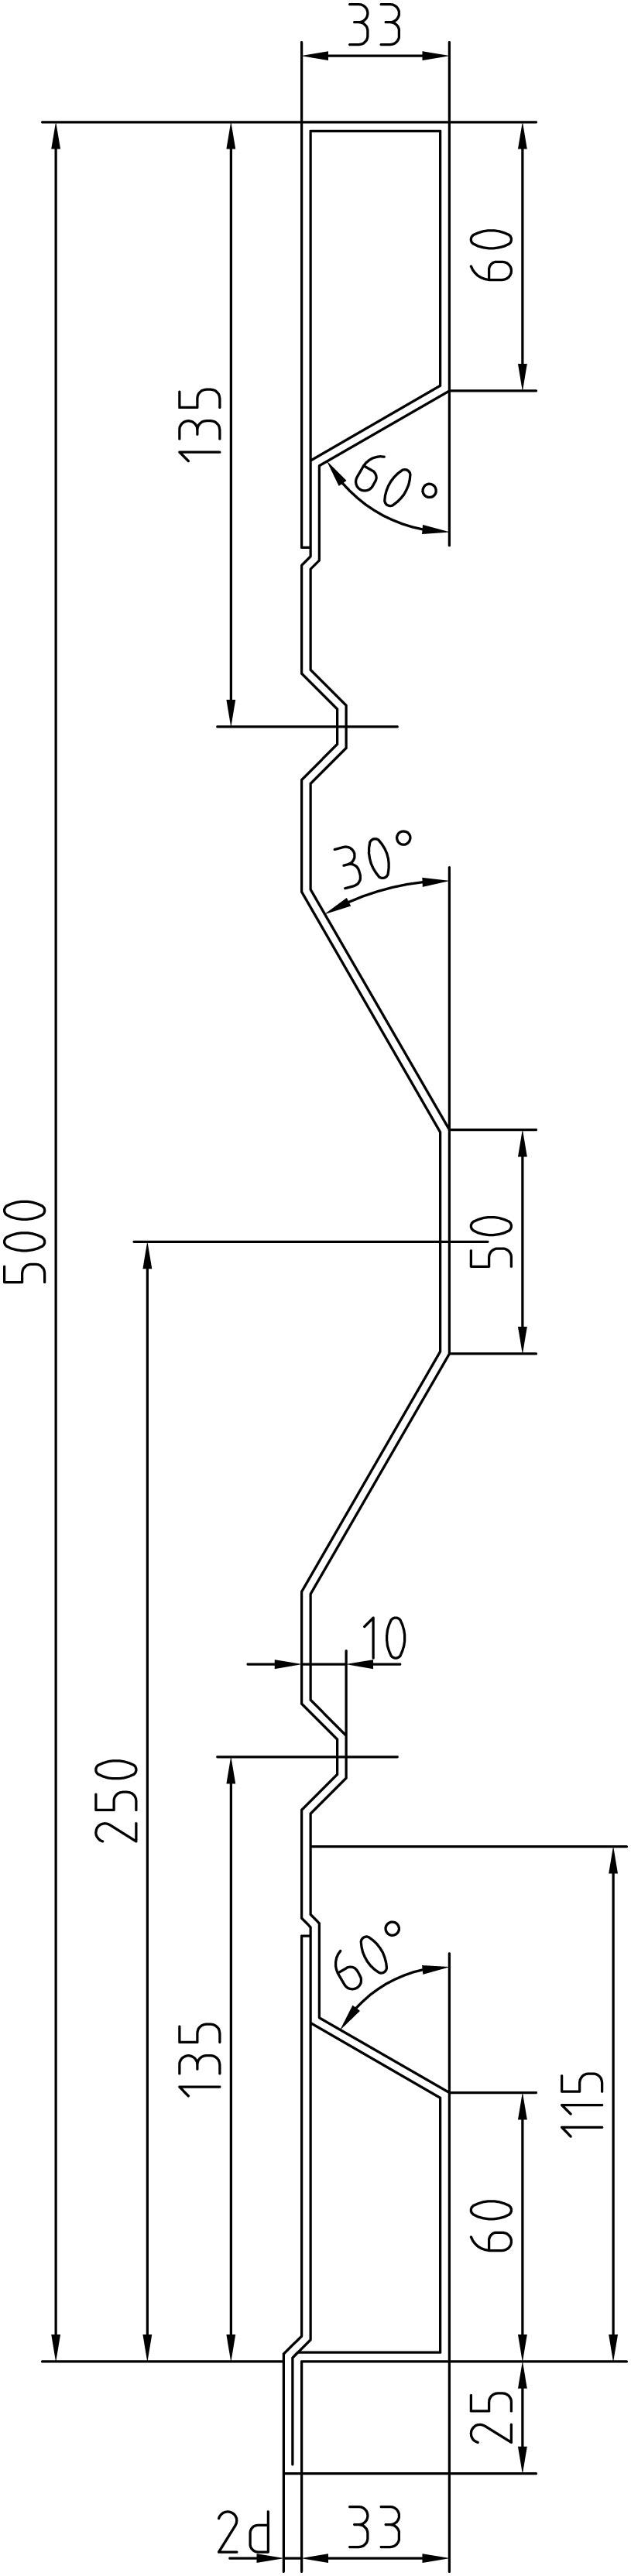 Brantner Kipper und Anhänger - AKoE HVAK 500x2 2210 ohne Endleisten